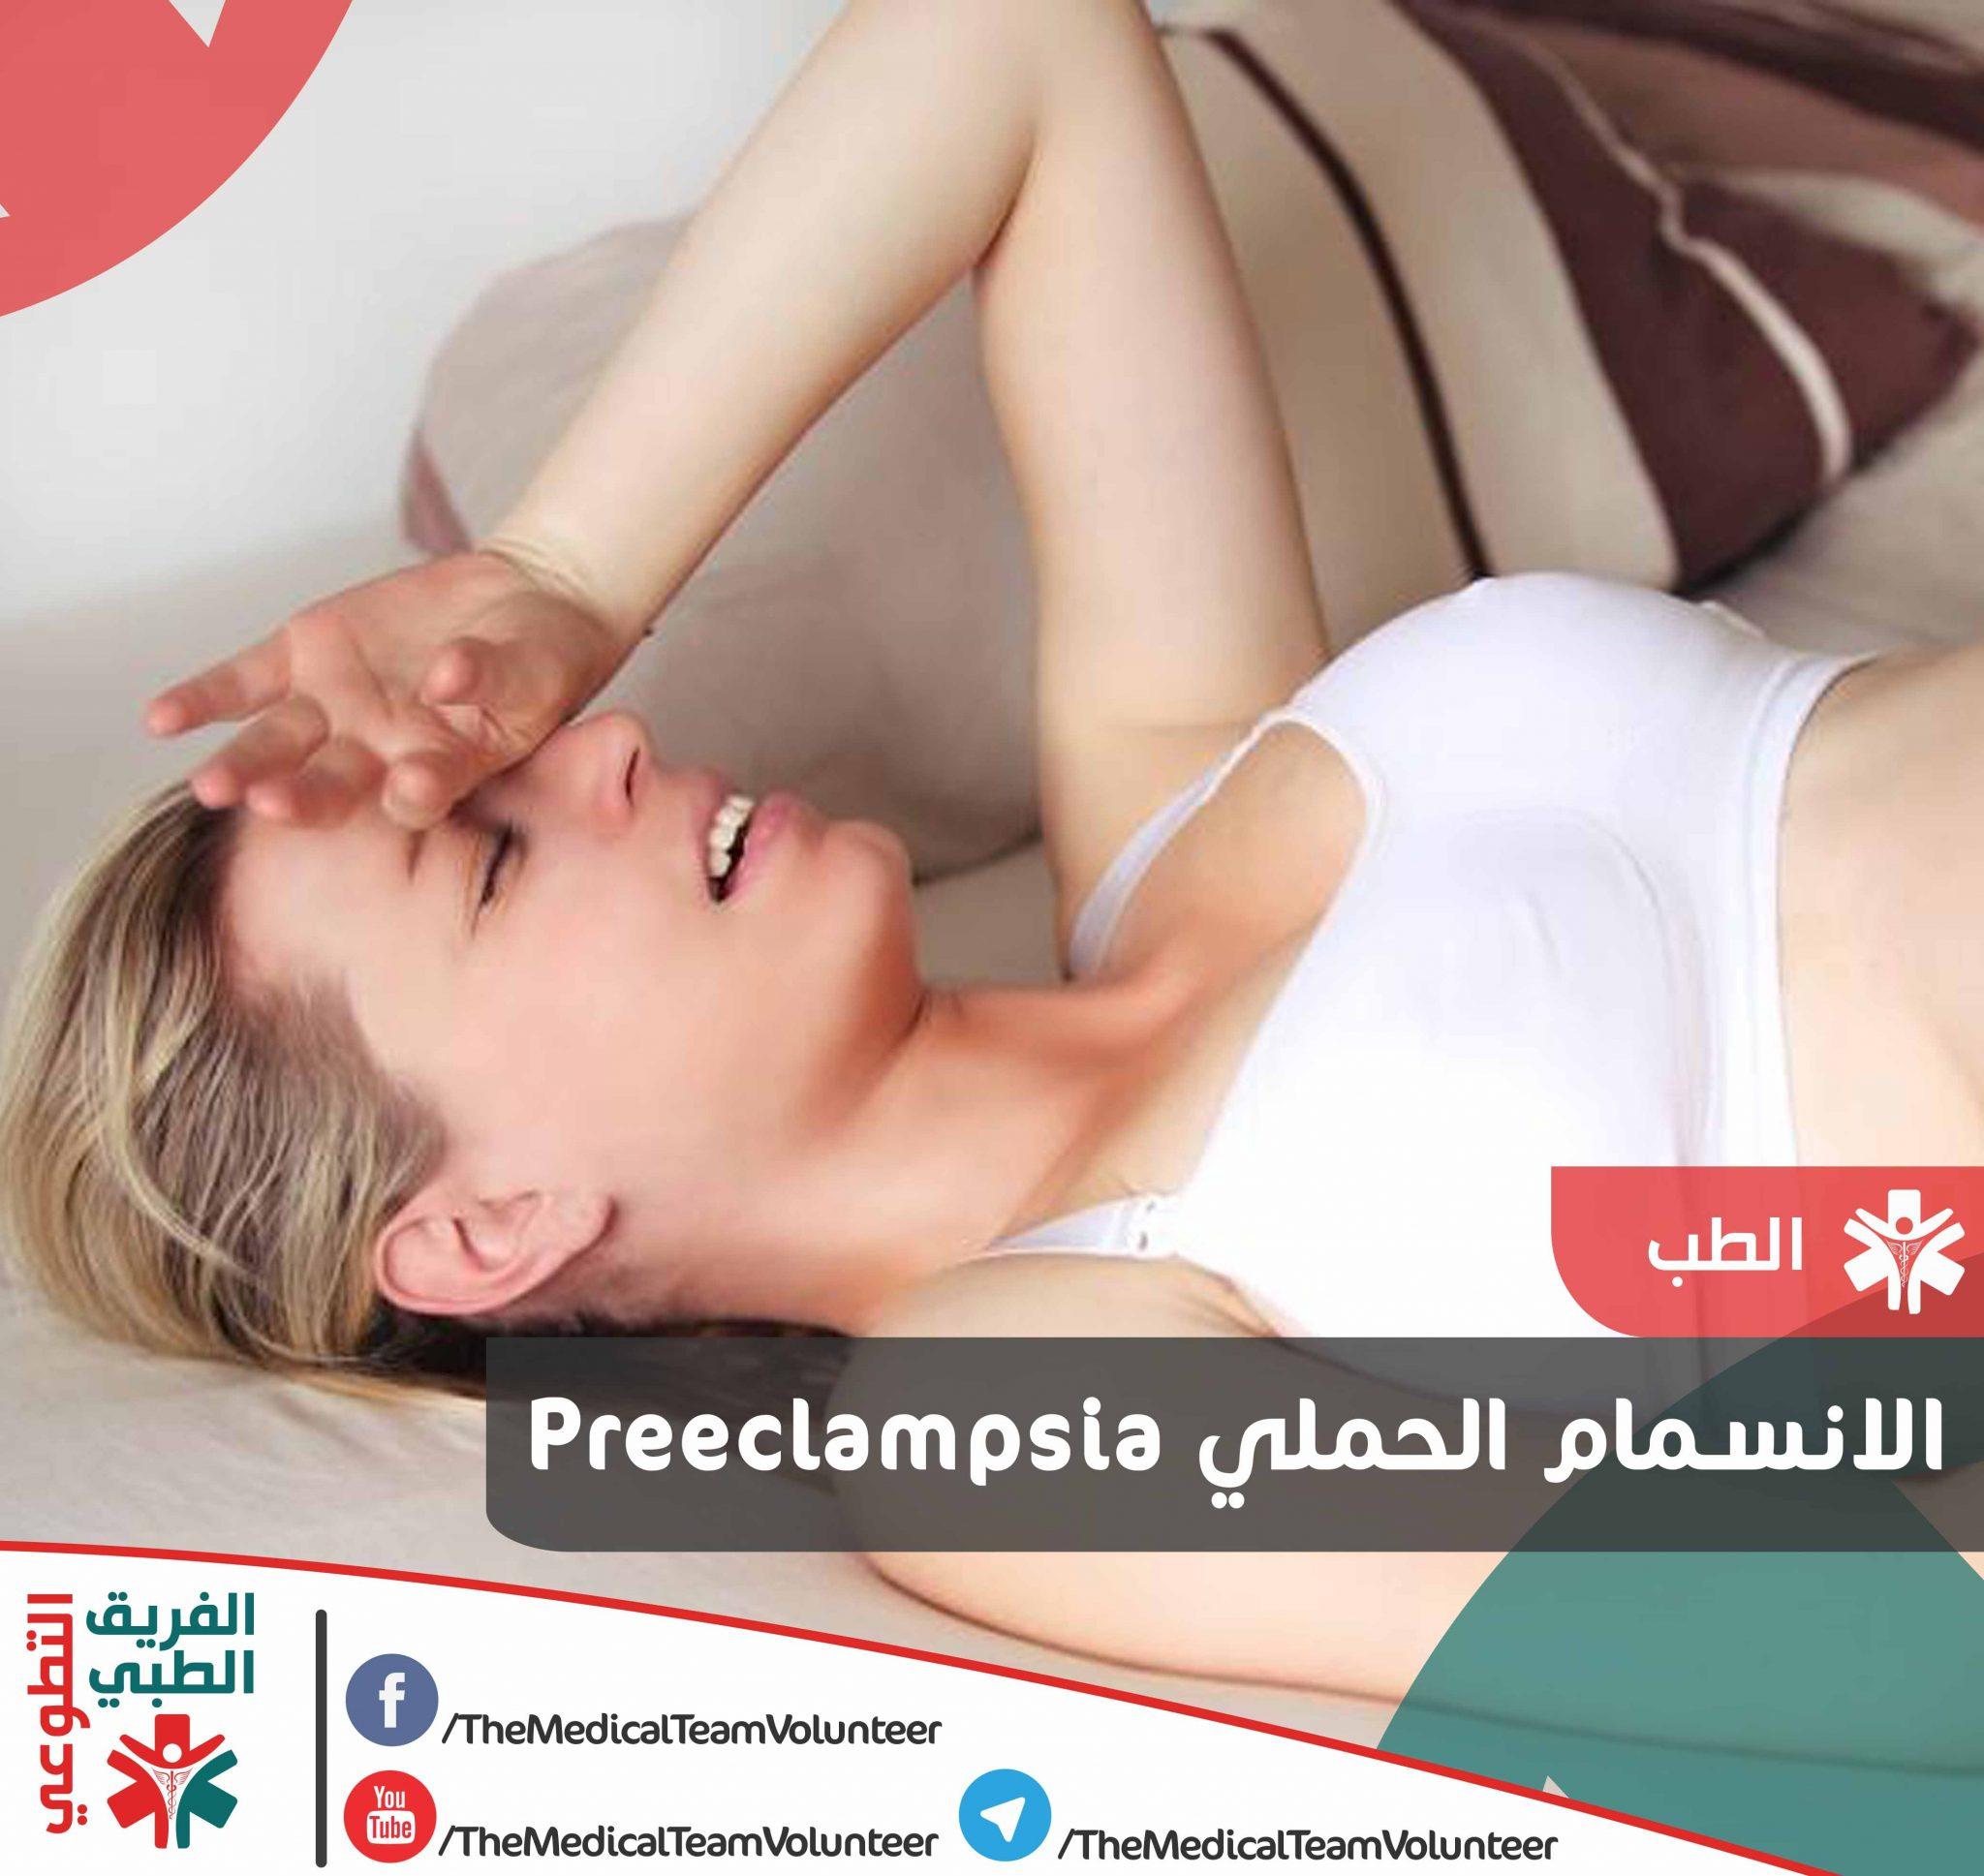 الانسمام الحملي Preeclampsia